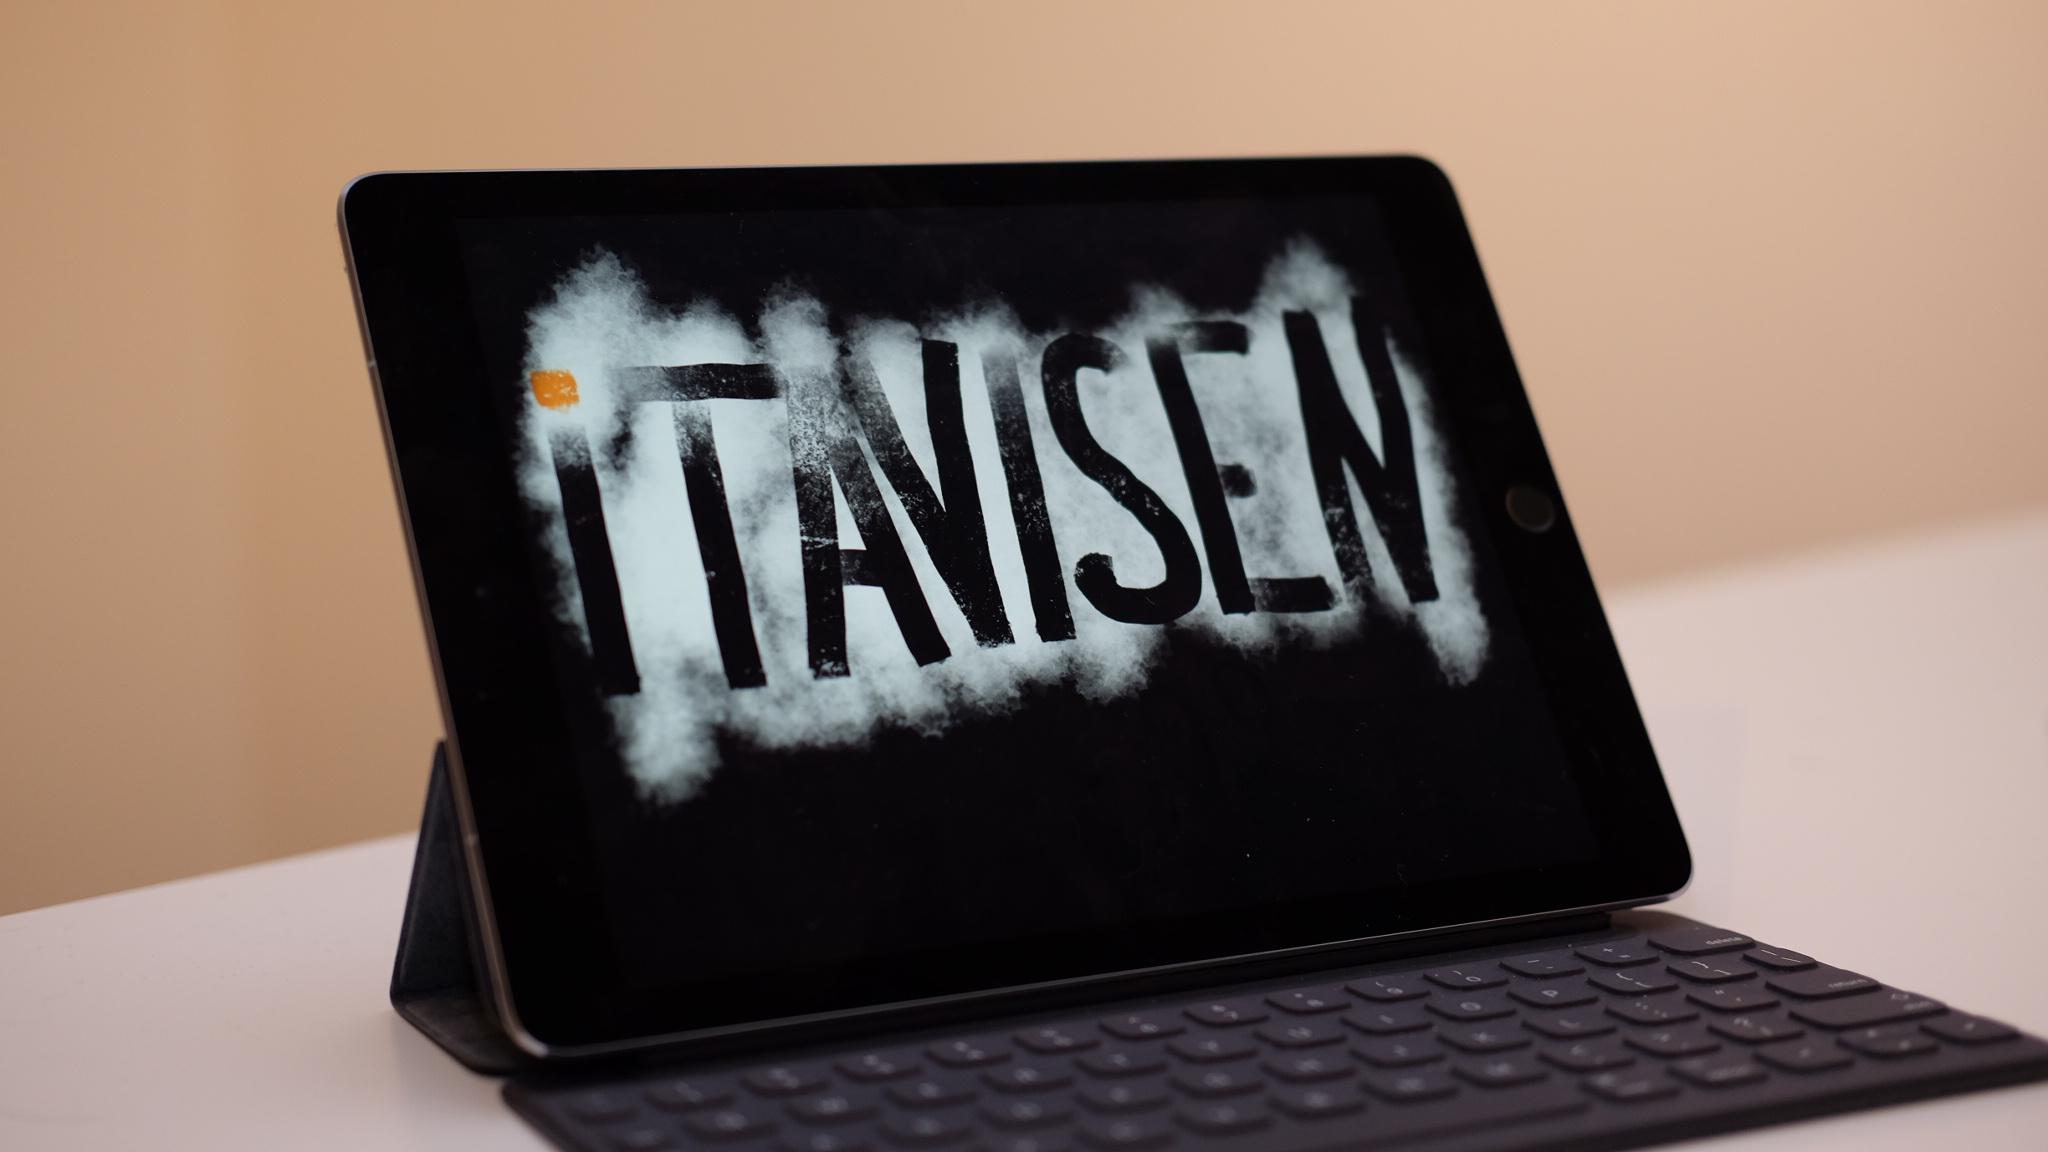 6b26483f9 iPad Pro er nære å være en PC-erstatter - ITavisenITavisen